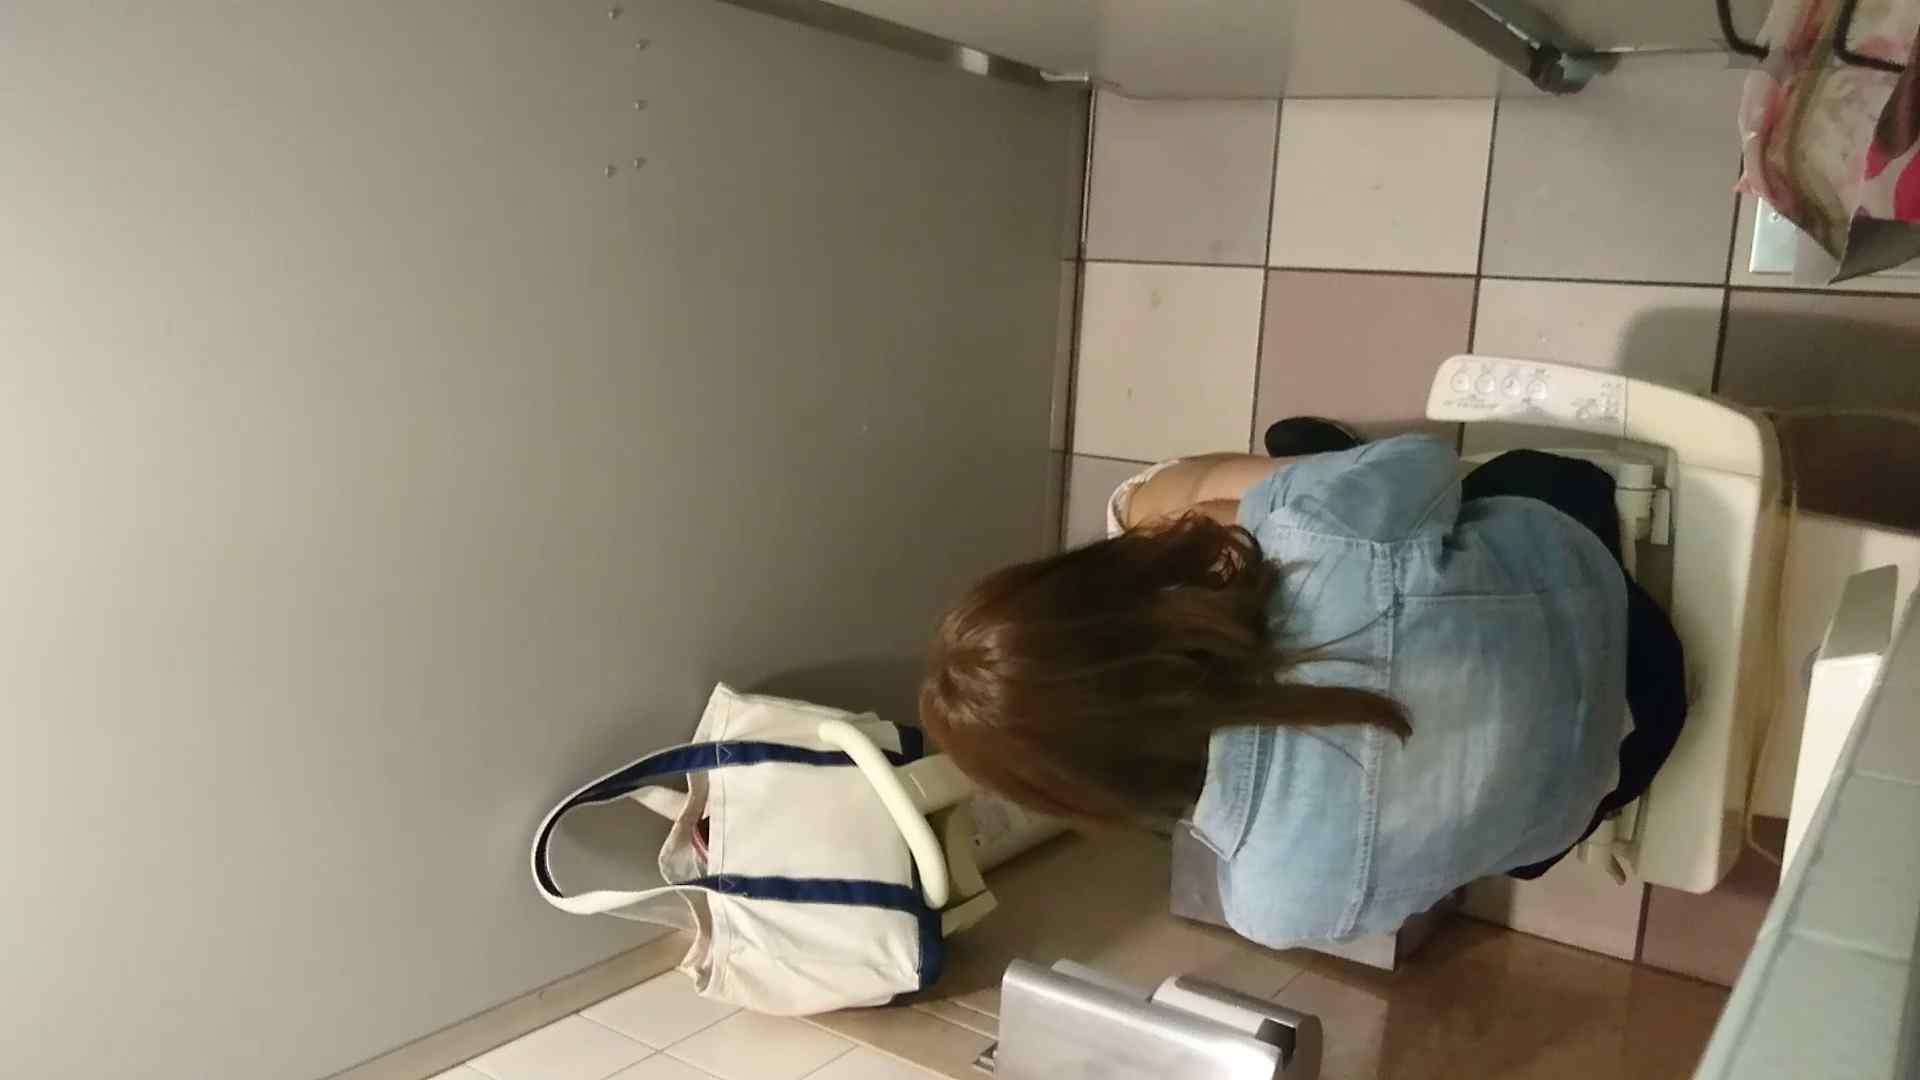 化粧室絵巻 ショッピングモール編 VOL.17 OL  71pic 9